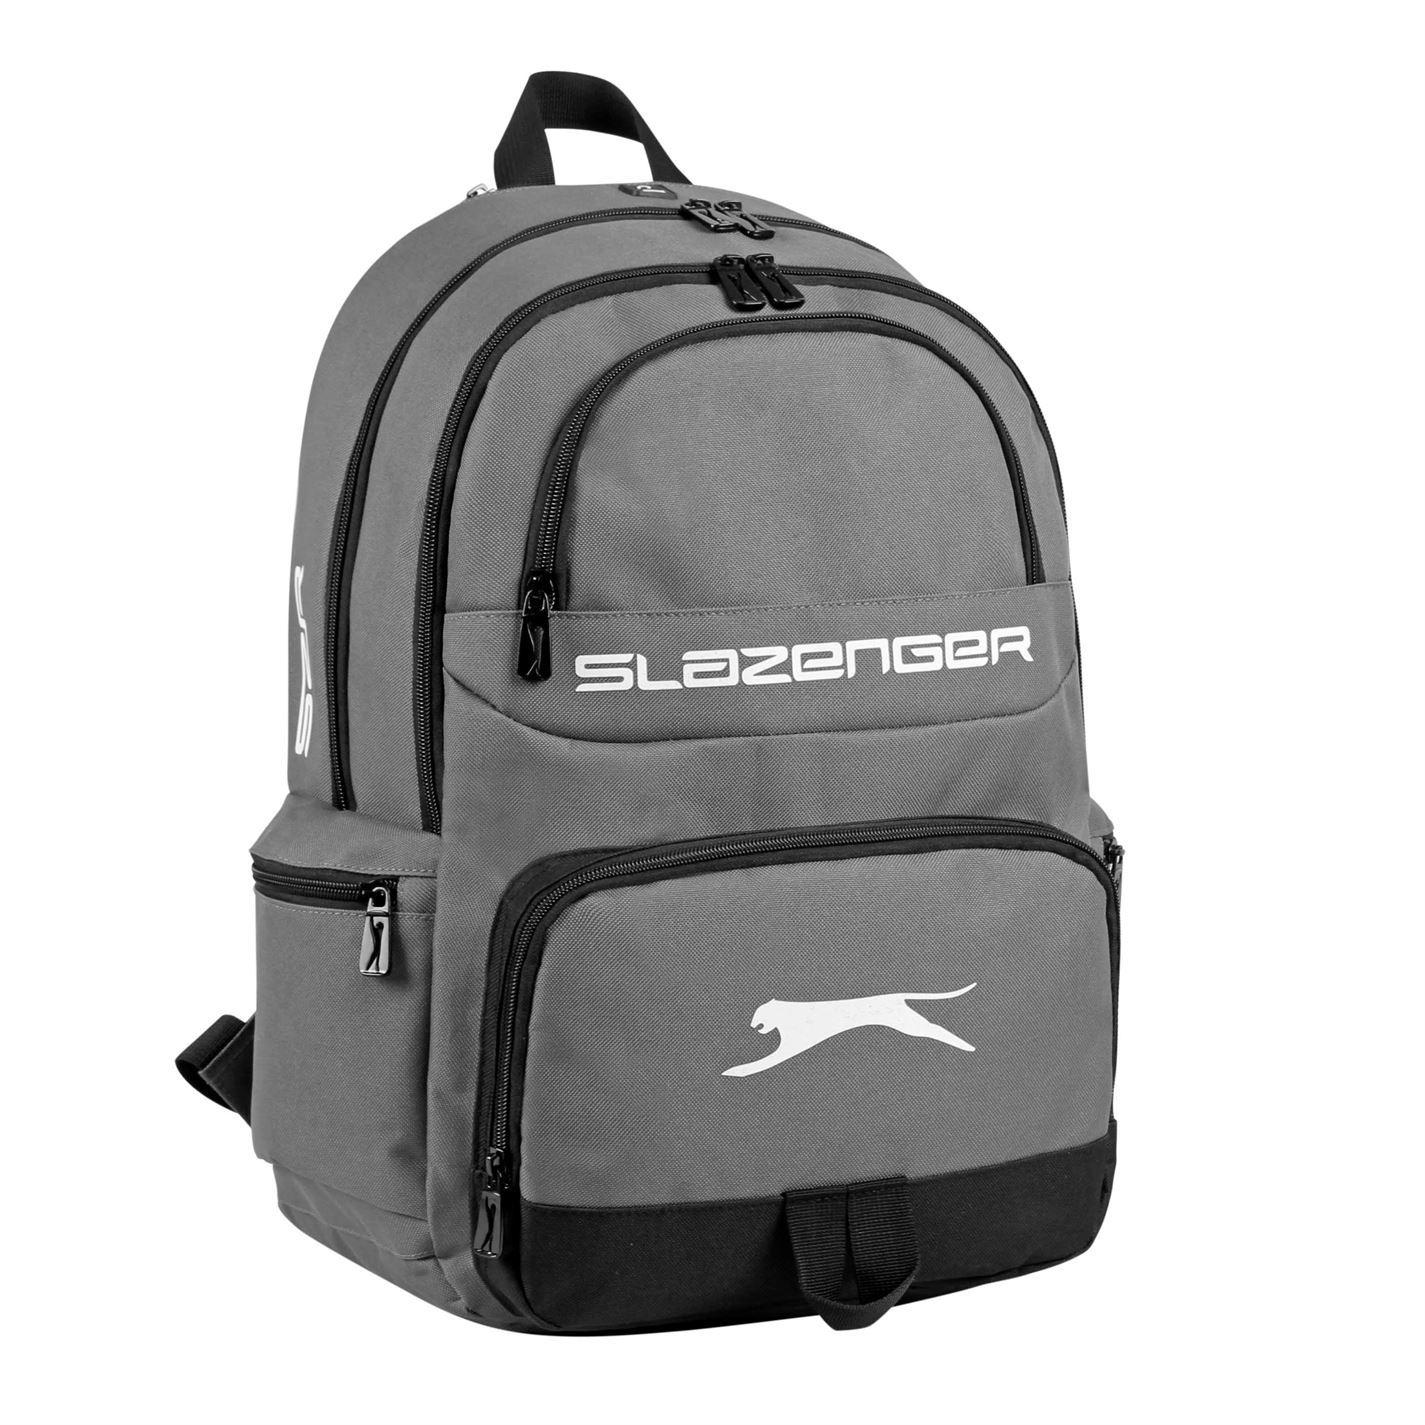 Slazenger Neil Backpack Rucksack Bag Travel Equipment Accessory